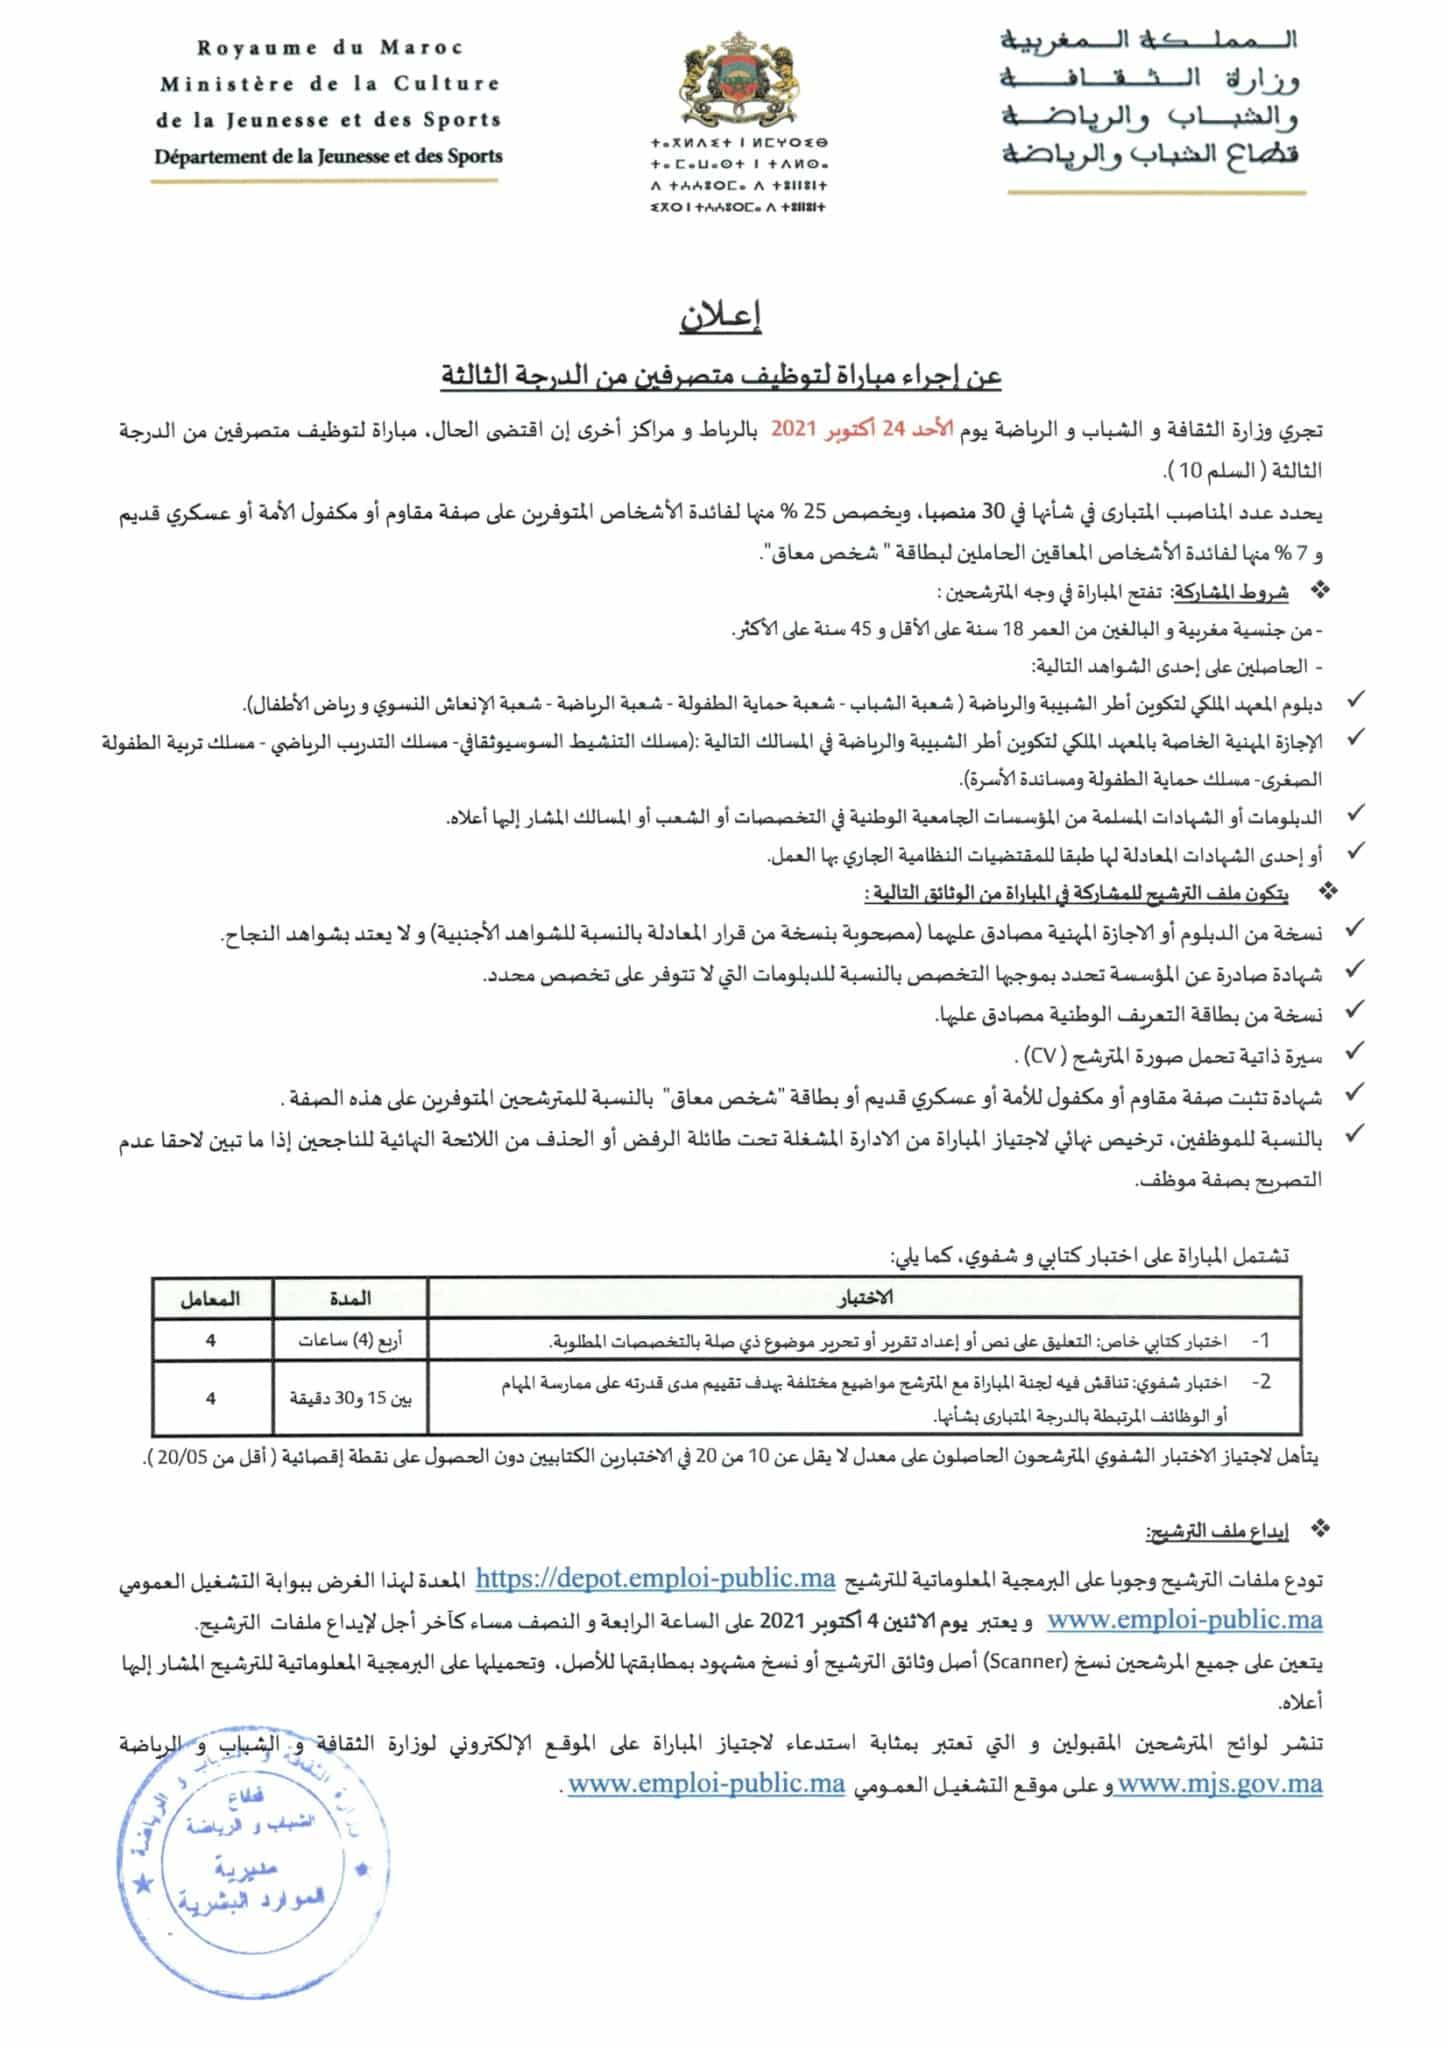 وزارة الثقافة والشباب والرياضة مباراة توظيف 37 منصب في عدة تخصصات آخر أجل لإيداع الترشيحات 4 اكتوبر 2021 Avisconcoursadm3